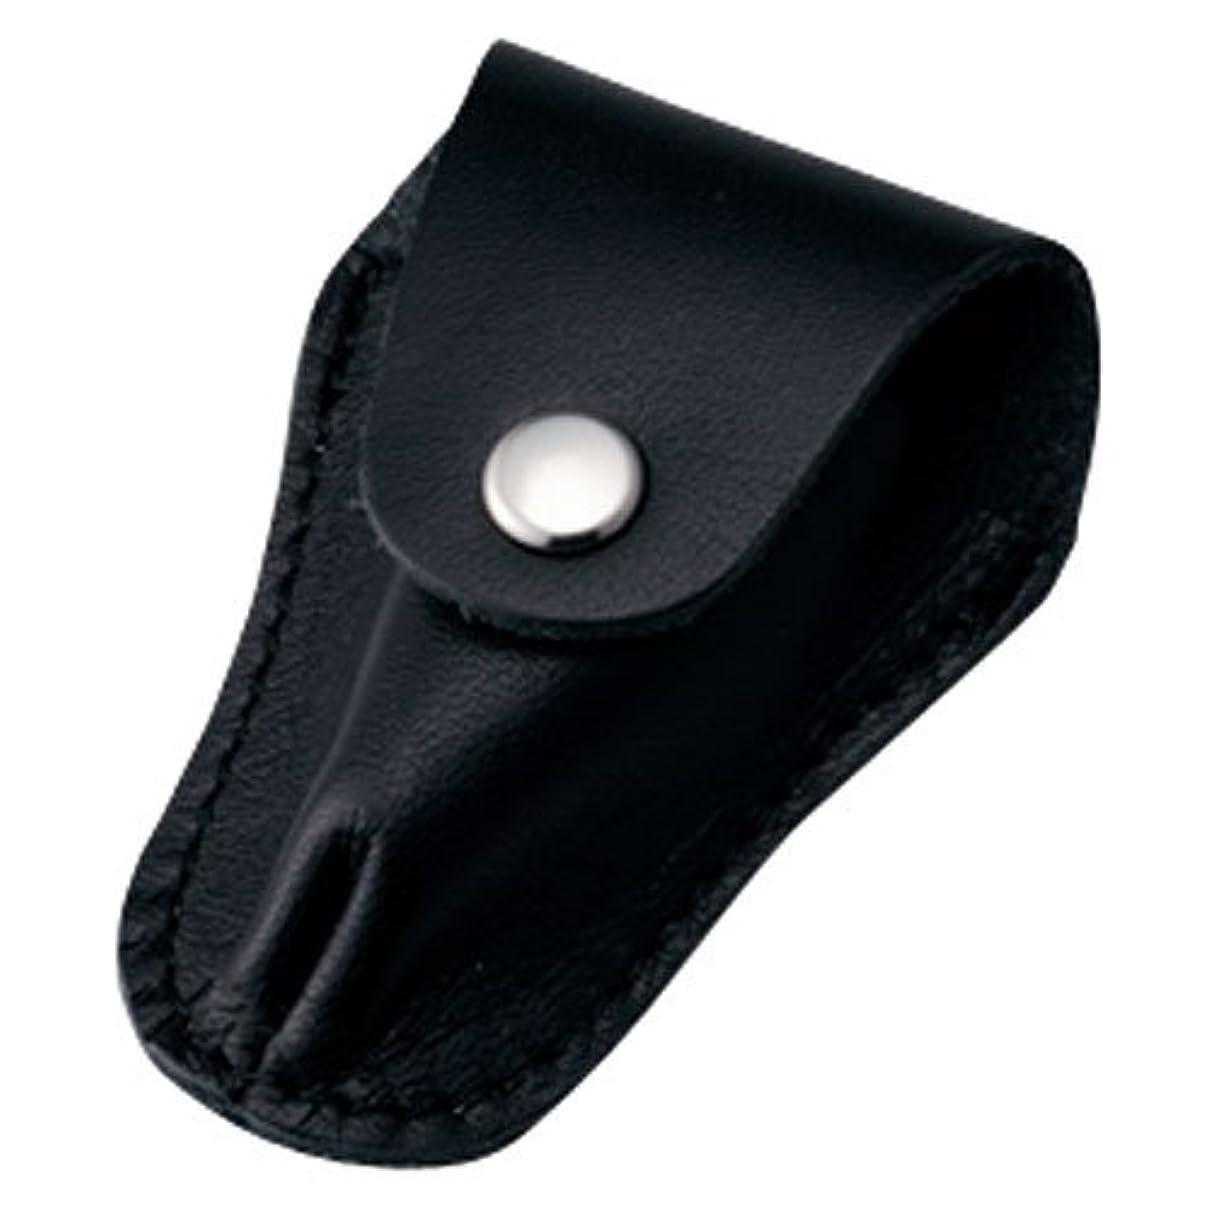 災難問い合わせる区別する内海 ニッパーキャップL ブラック 本革製のキューティクルニッパー用刃先カバー